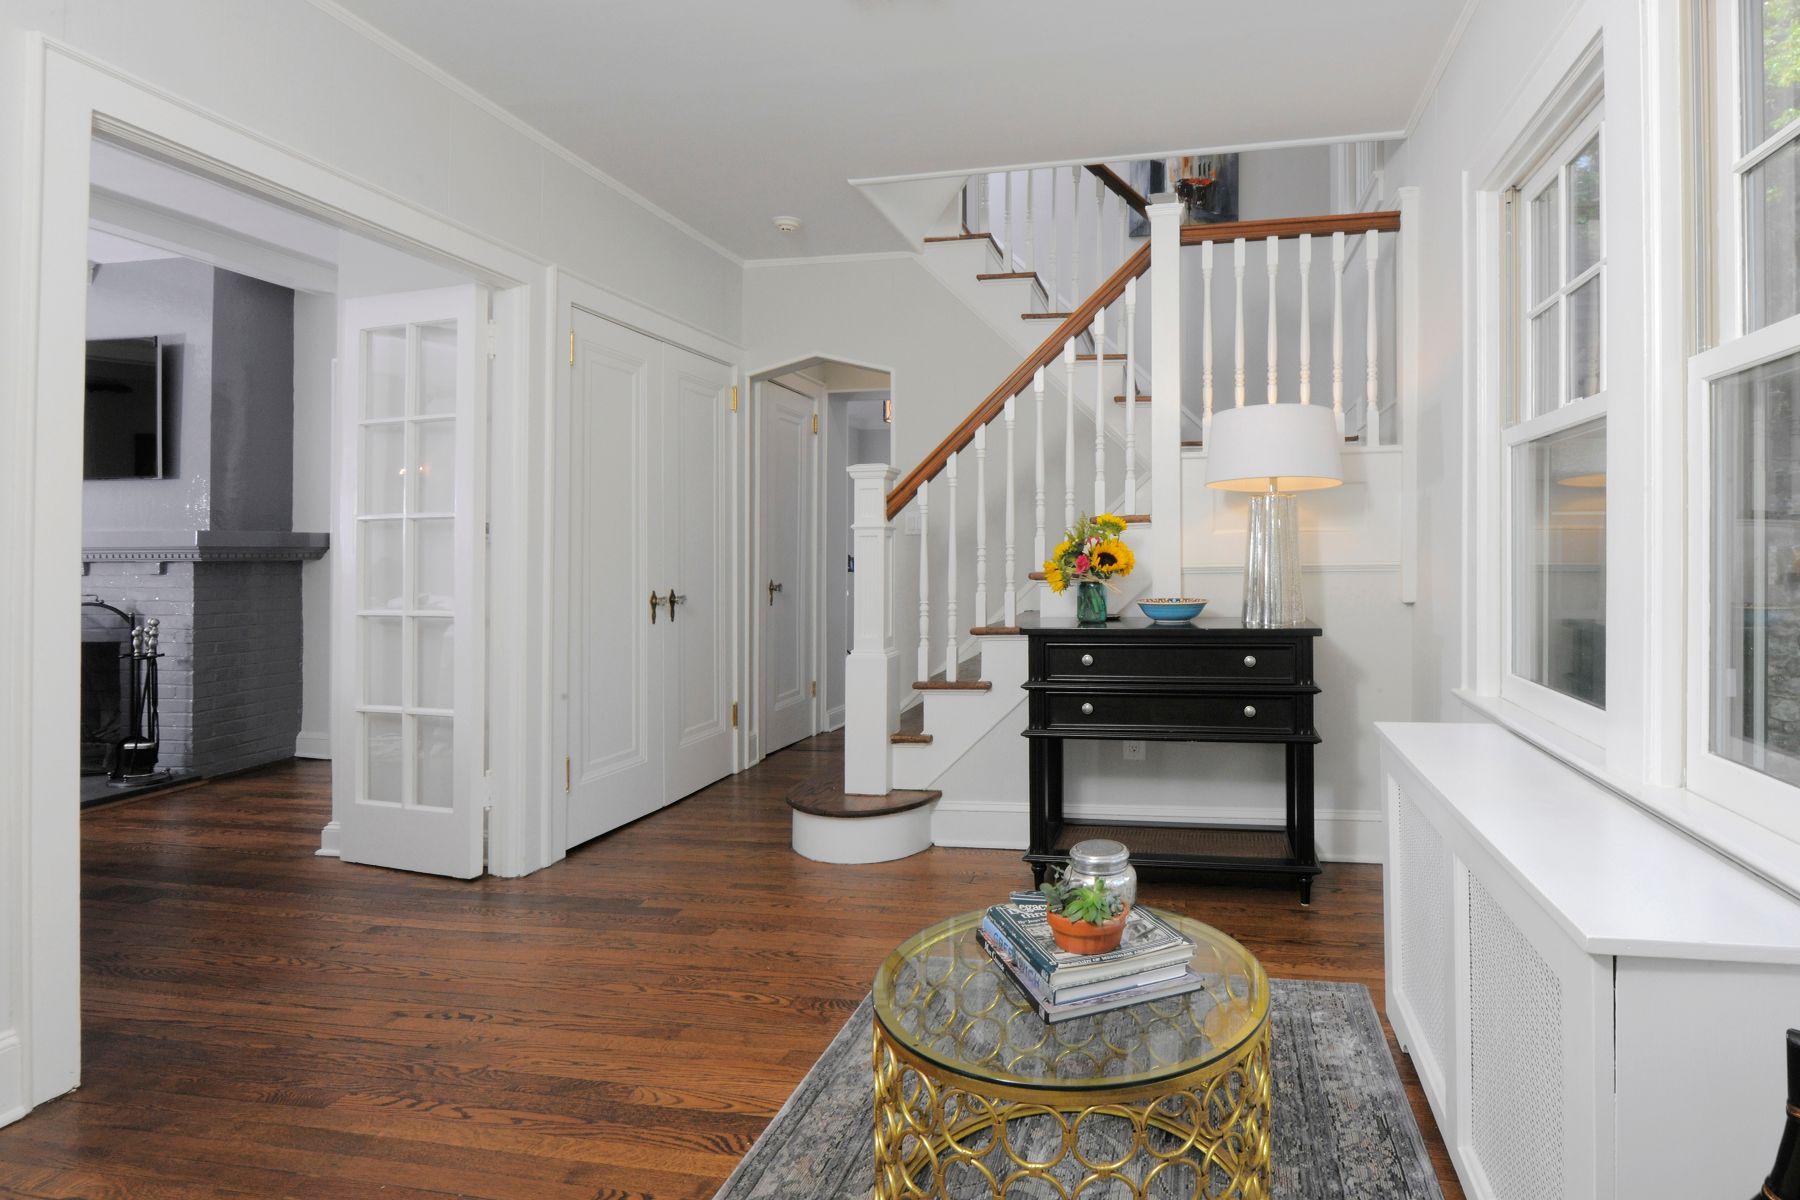 Частный односемейный дом для того Продажа на 36 Valleywood Road 36 Valleywood Road Cos Cob, Коннектикут 06807 Соединенные Штаты